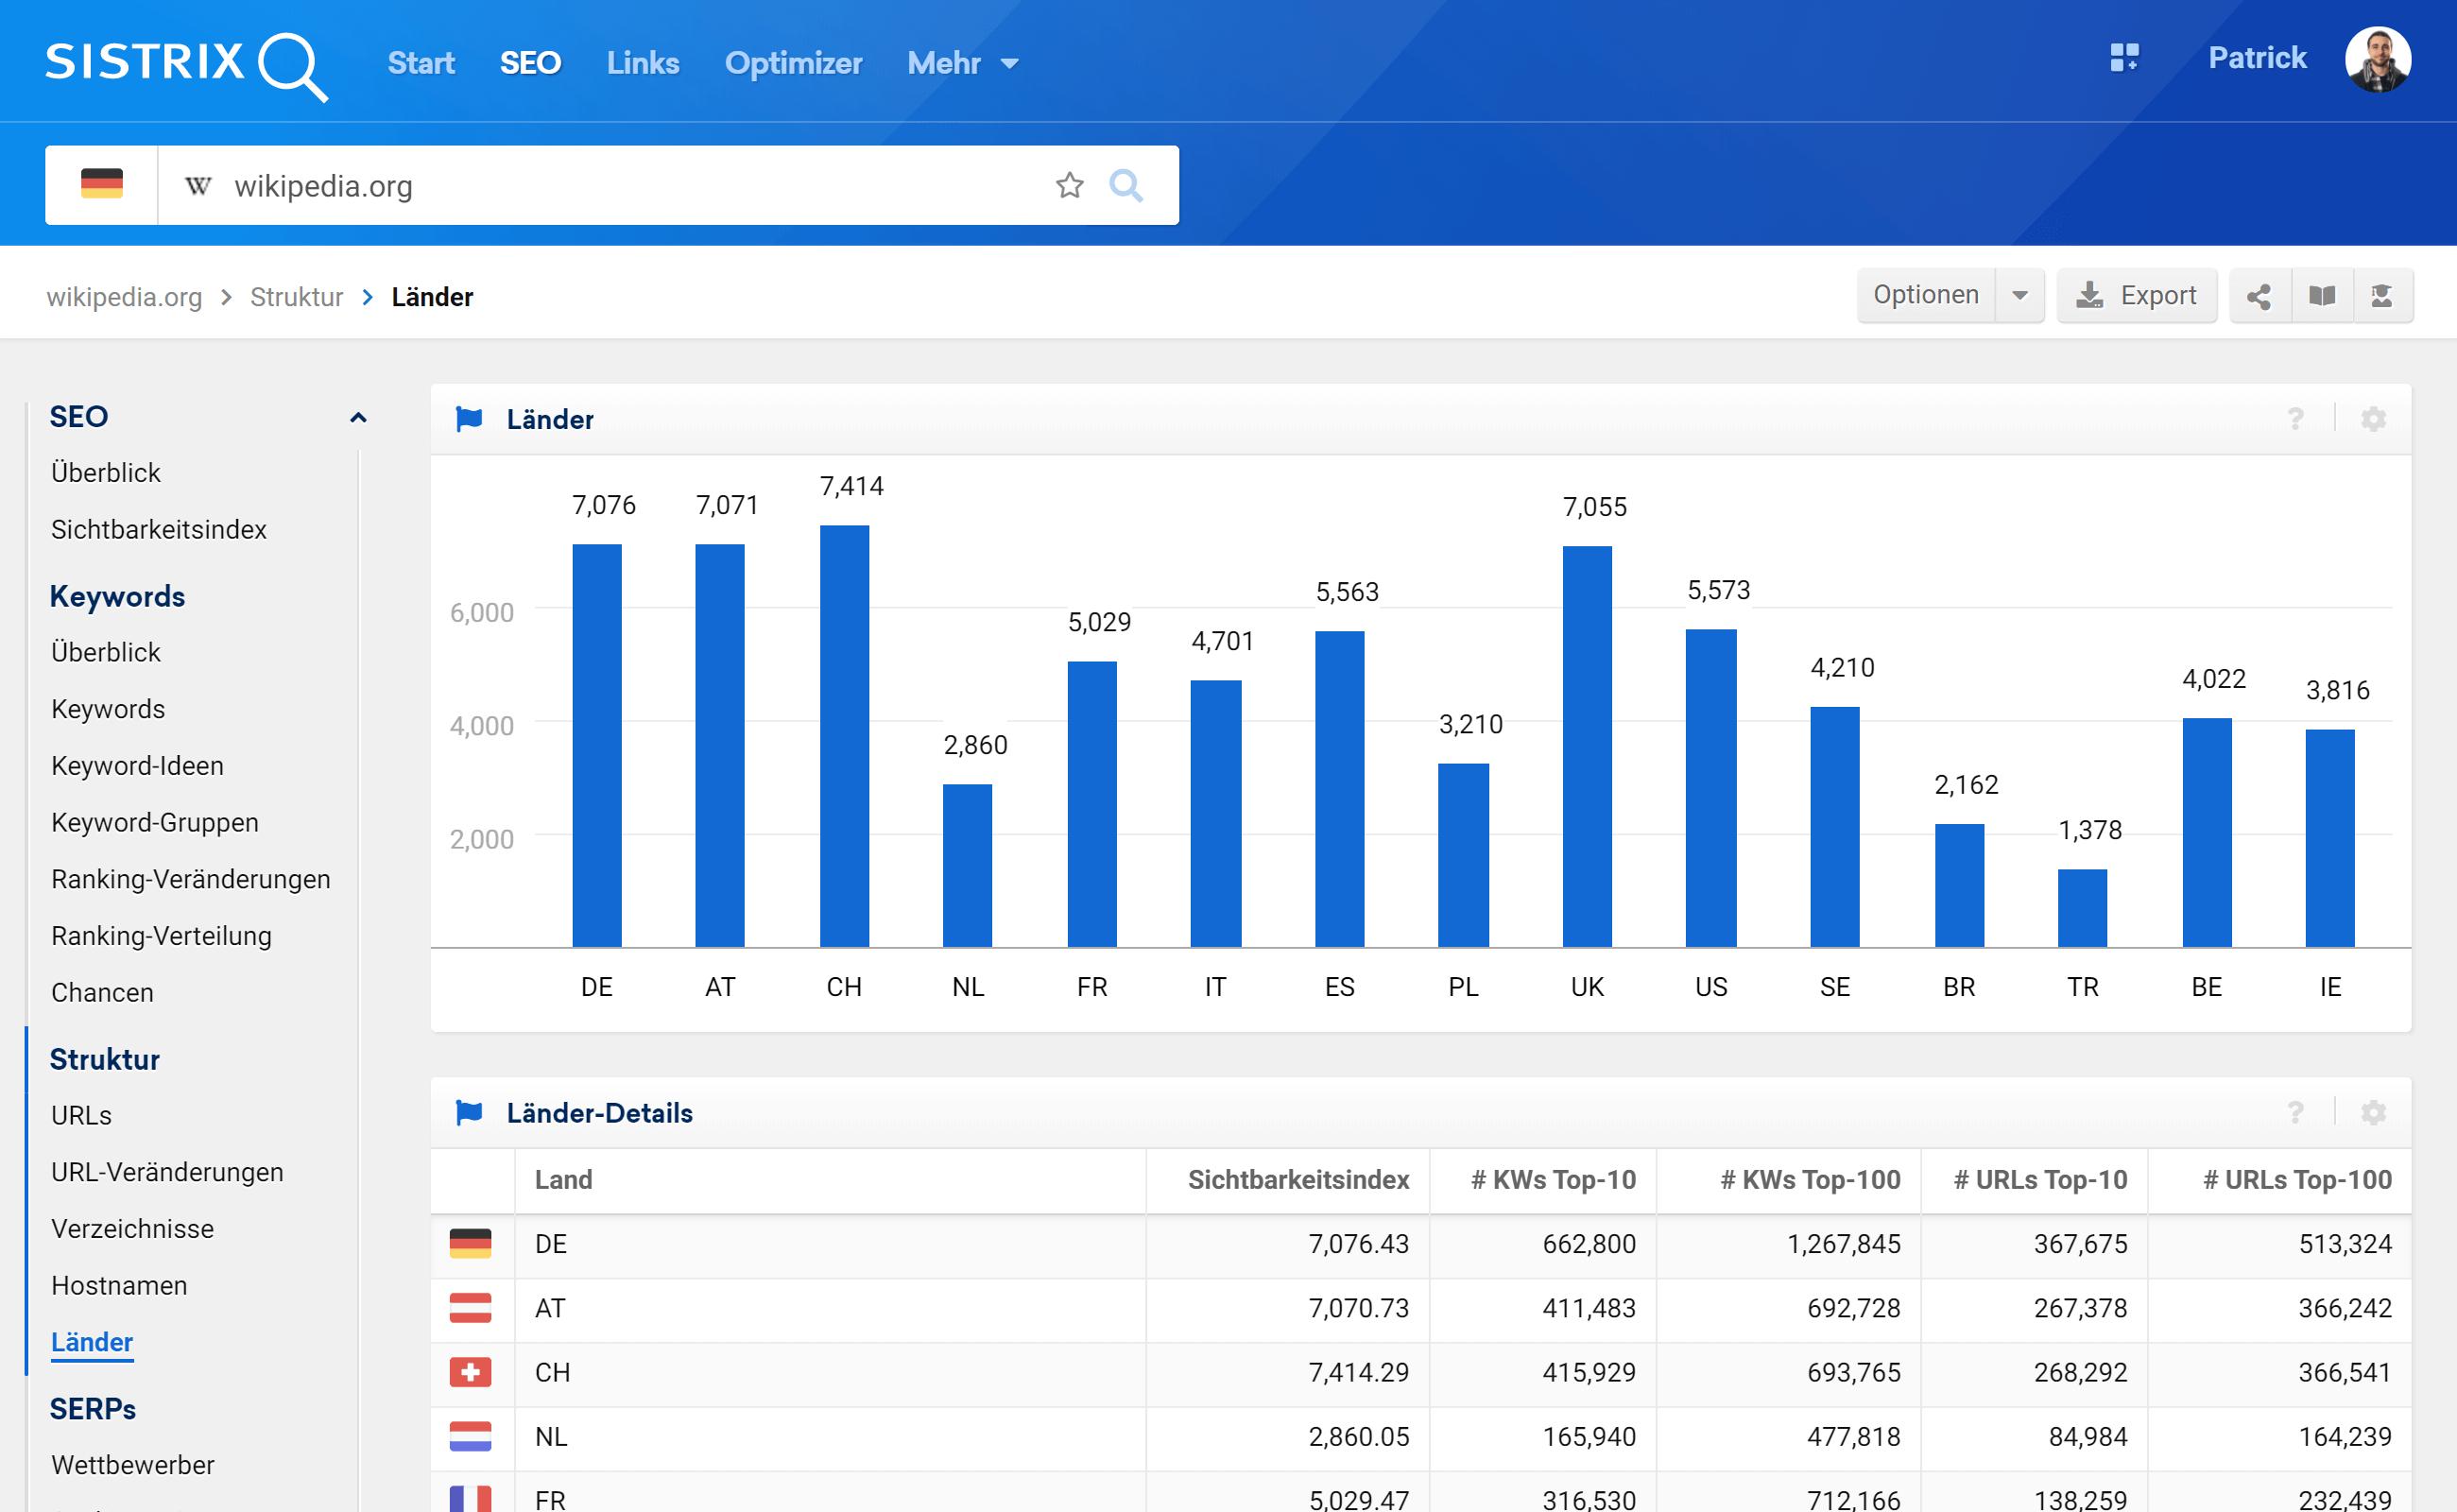 Die Länder-Sichtbarkeit in der SISTRIX Toolbox. Es gibt oben ein Balkendiagramm mit den  Sichtbarkeitswerten der Domain in verschiedenen Ländern und darunter die Tabelle mit weiterführenden Informationen.